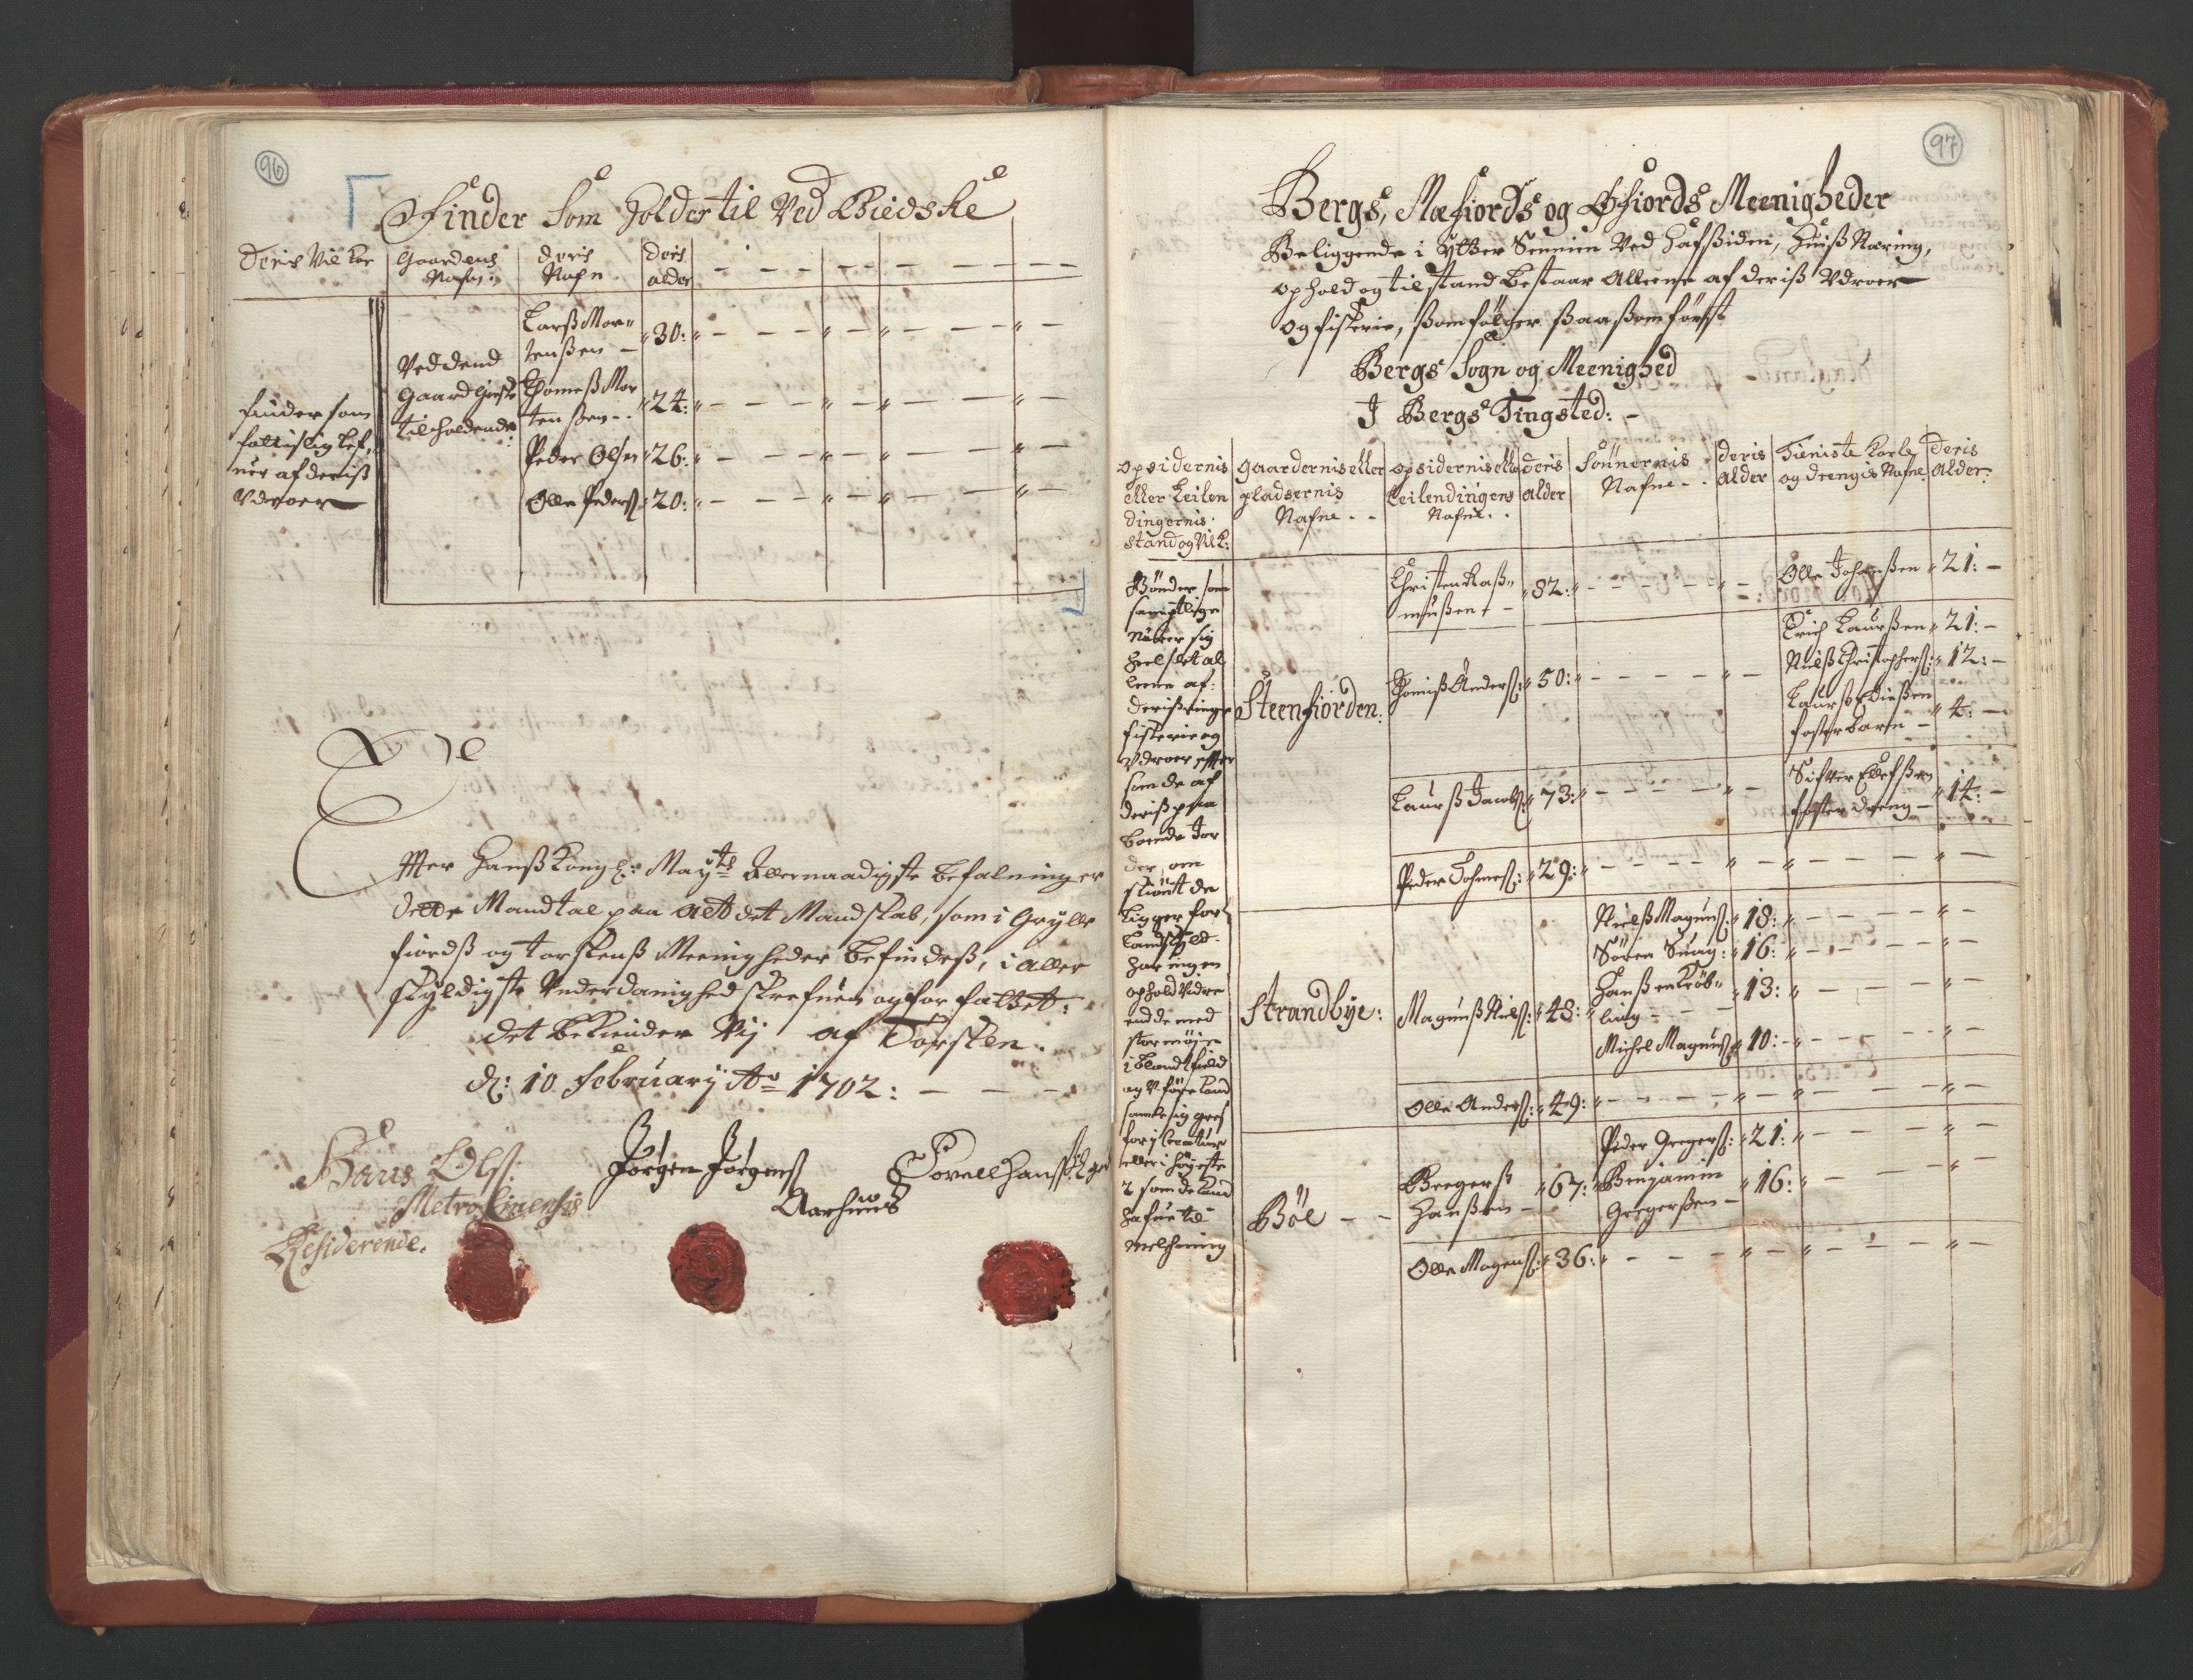 RA, Manntallet 1701, nr. 19: Senja og Tromsø fogderi, 1701, s. 96-97